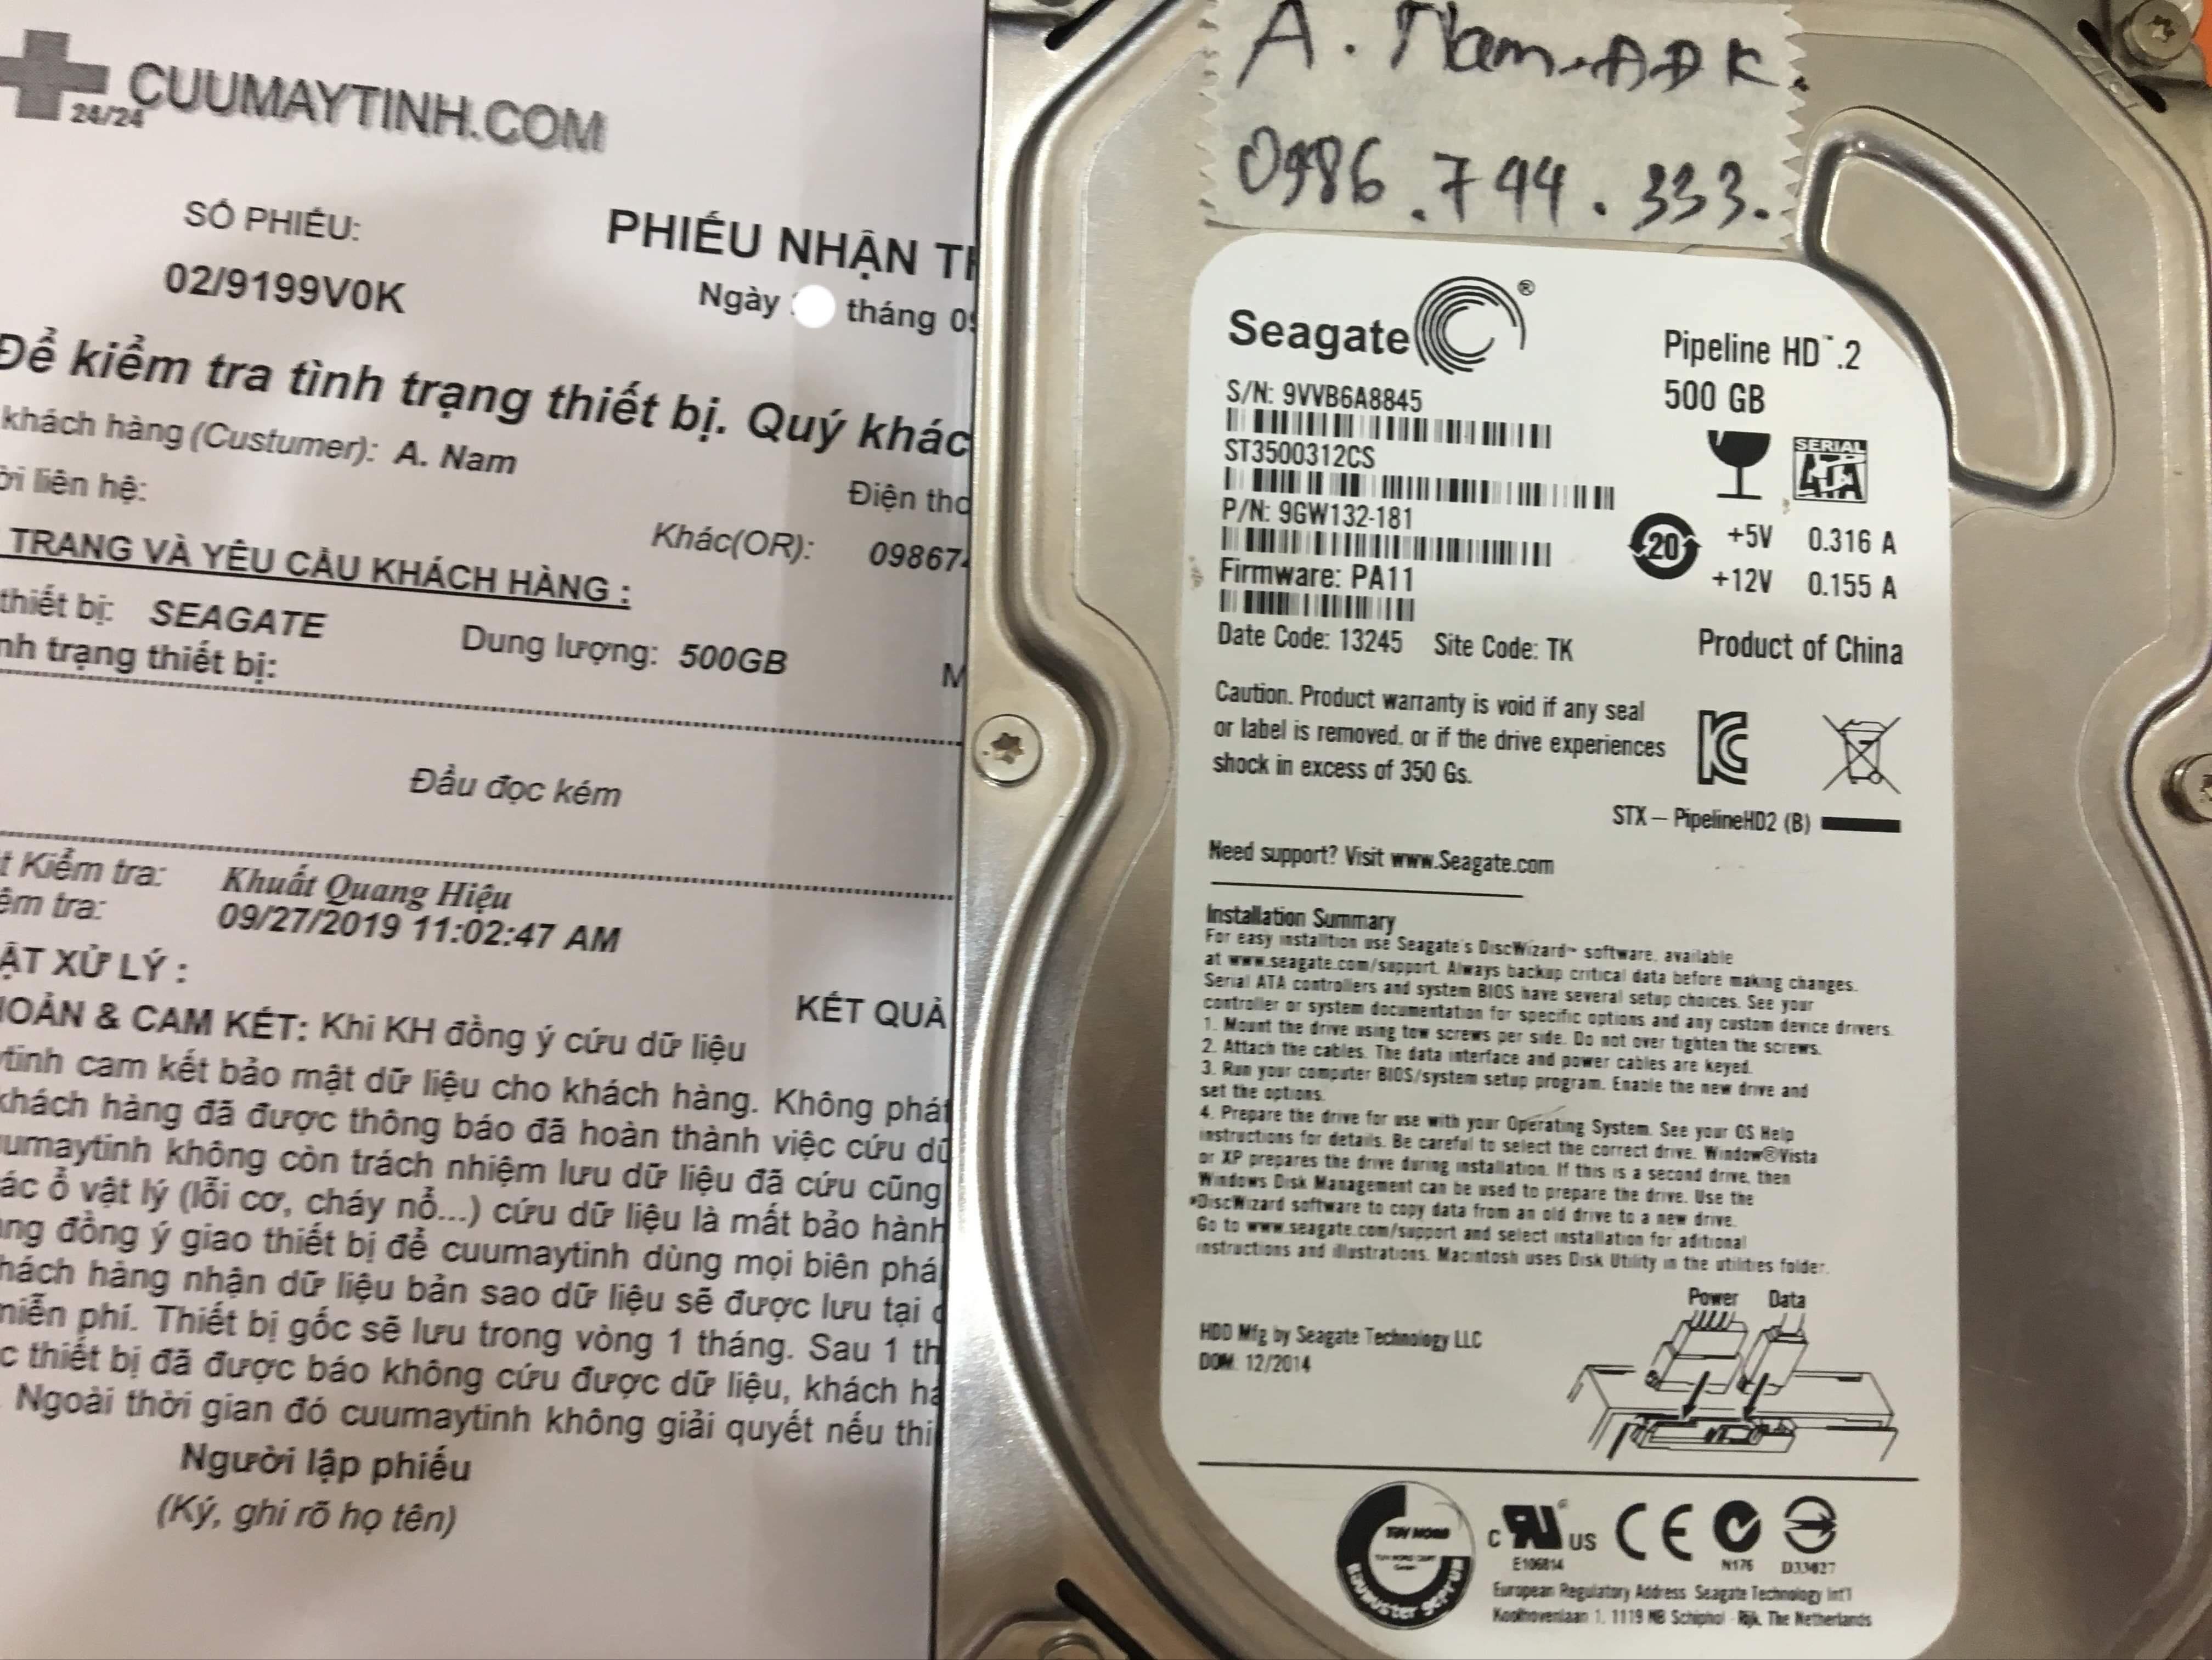 Khôi phục dữ liệu ổ cứng Seagate 500GB đầu đọc kém 03/10/2019 - cuumaytinh